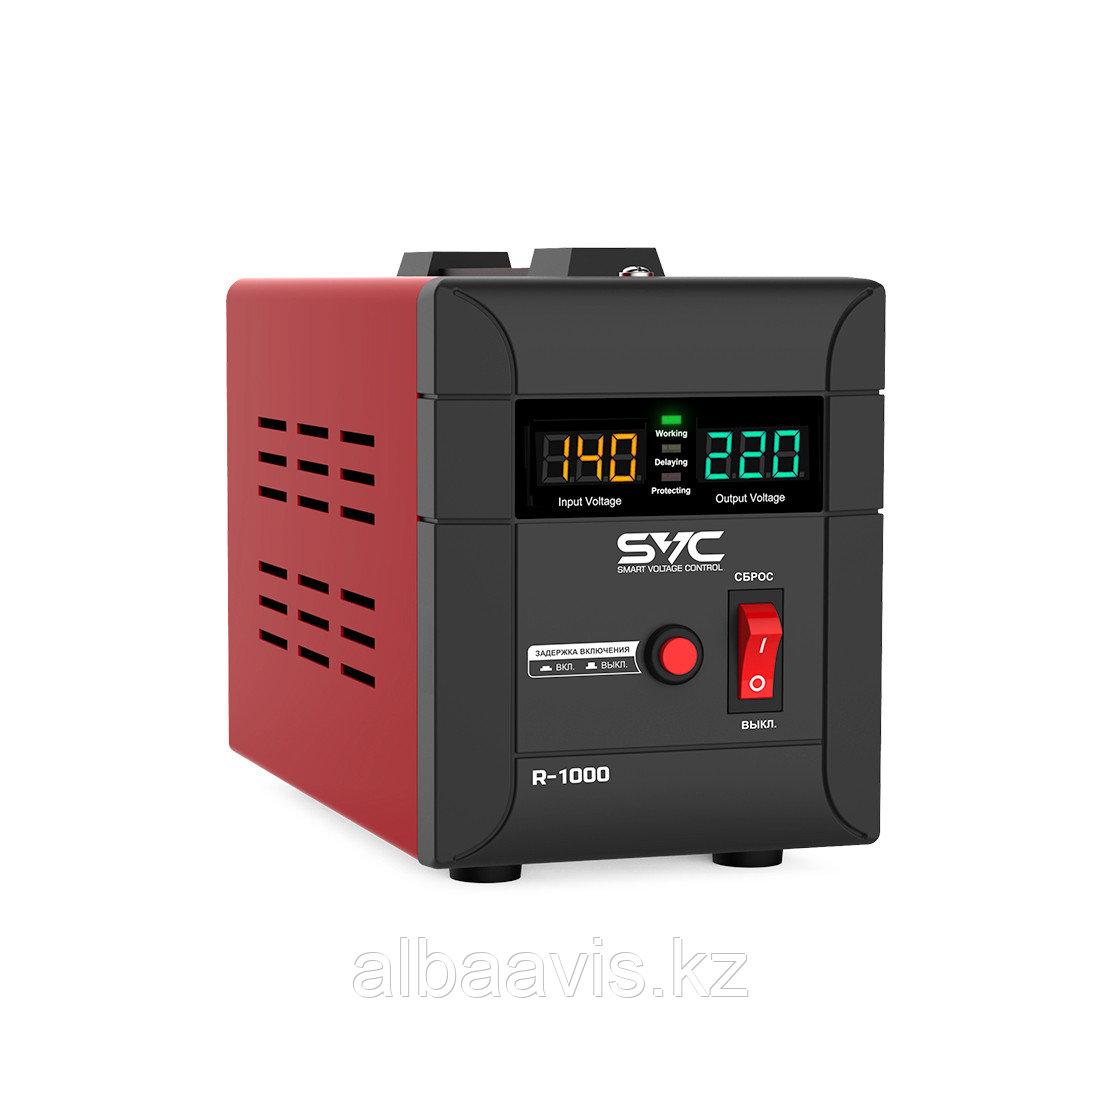 Стабилизатор напряжения для настенного размещения 1000 ватт. Однофазный стабилизатор напряжения.